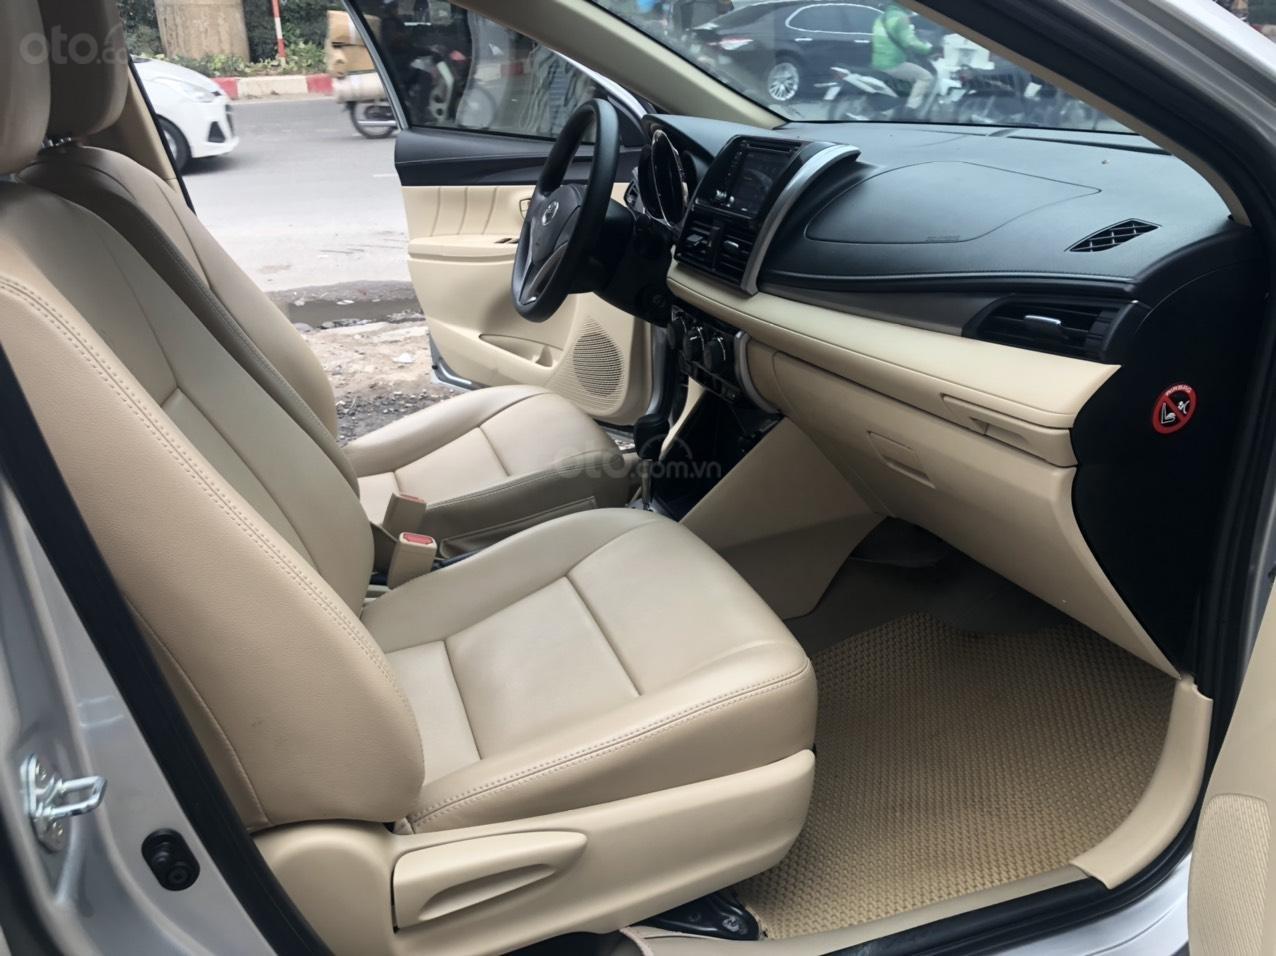 Bán nhanh Toyota Vios E AT đời 2018 màu bạc, xe chất biển TP, xe đẹp, nguyên zin không kinh doanh, chạy hơn 30000km (7)